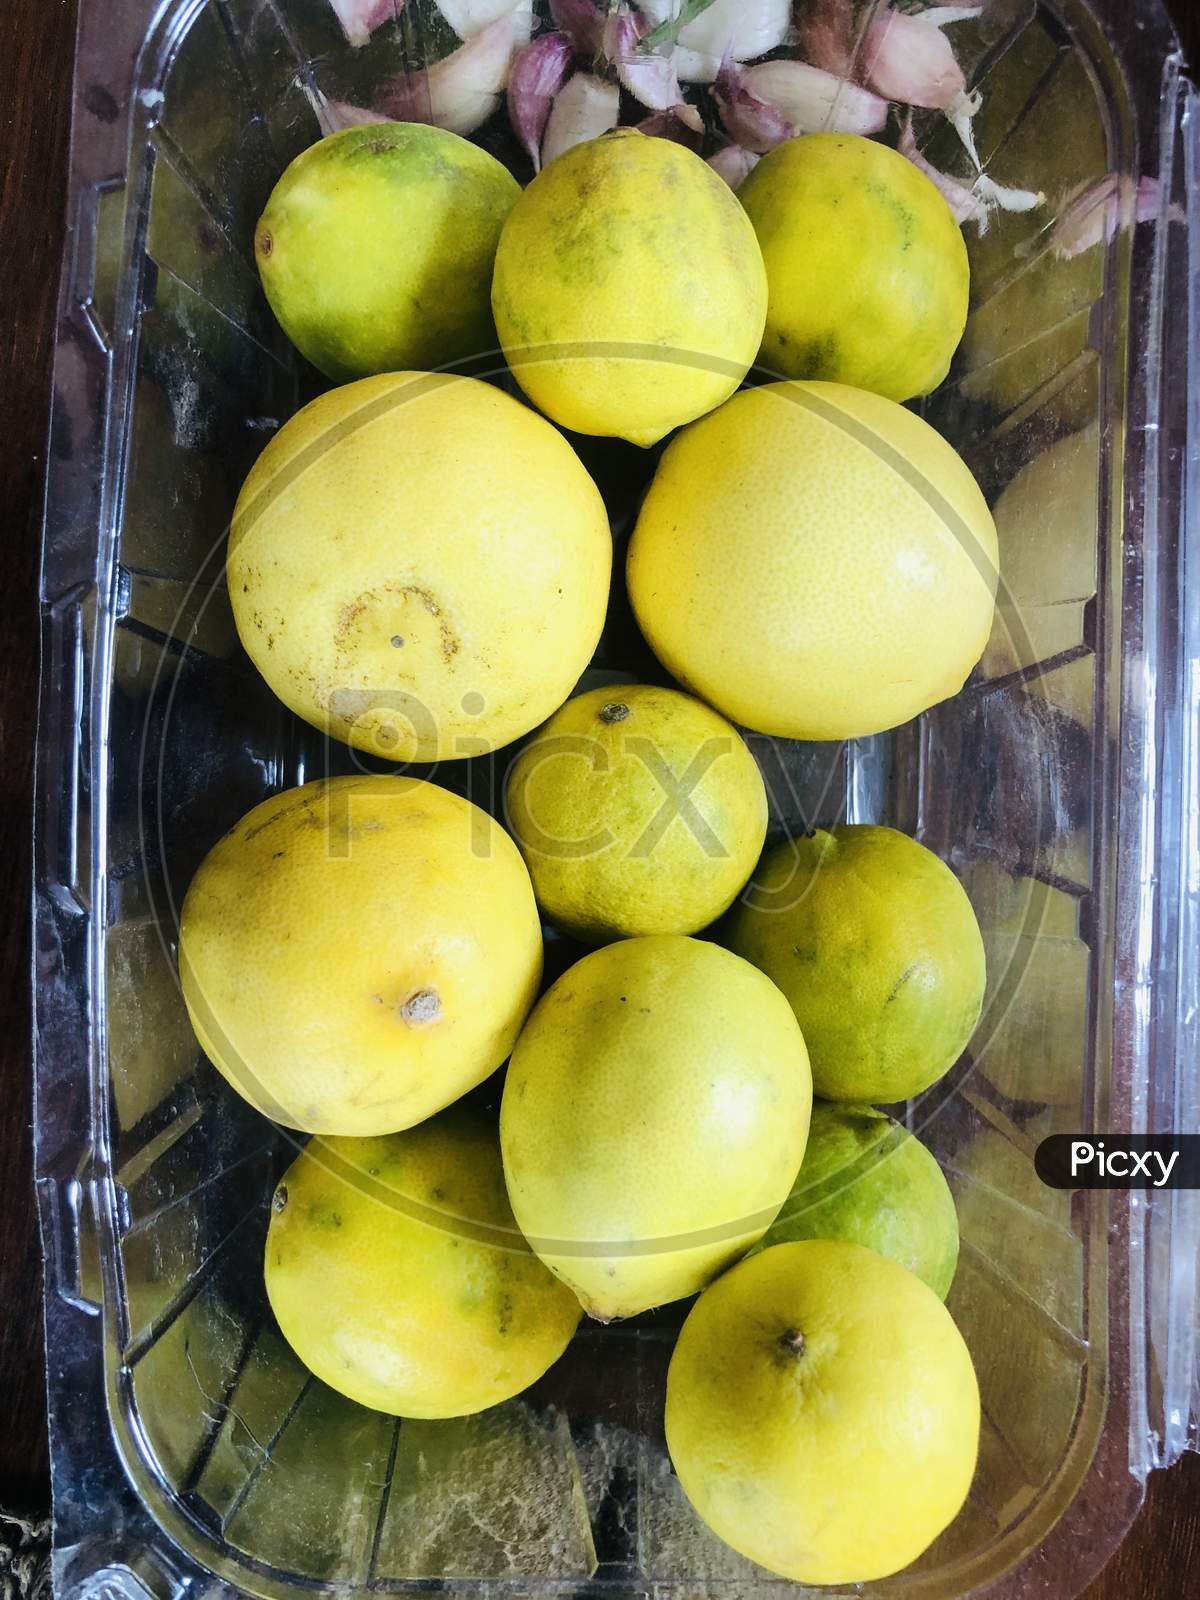 Natural Yellow Lemons Citrus Fruit